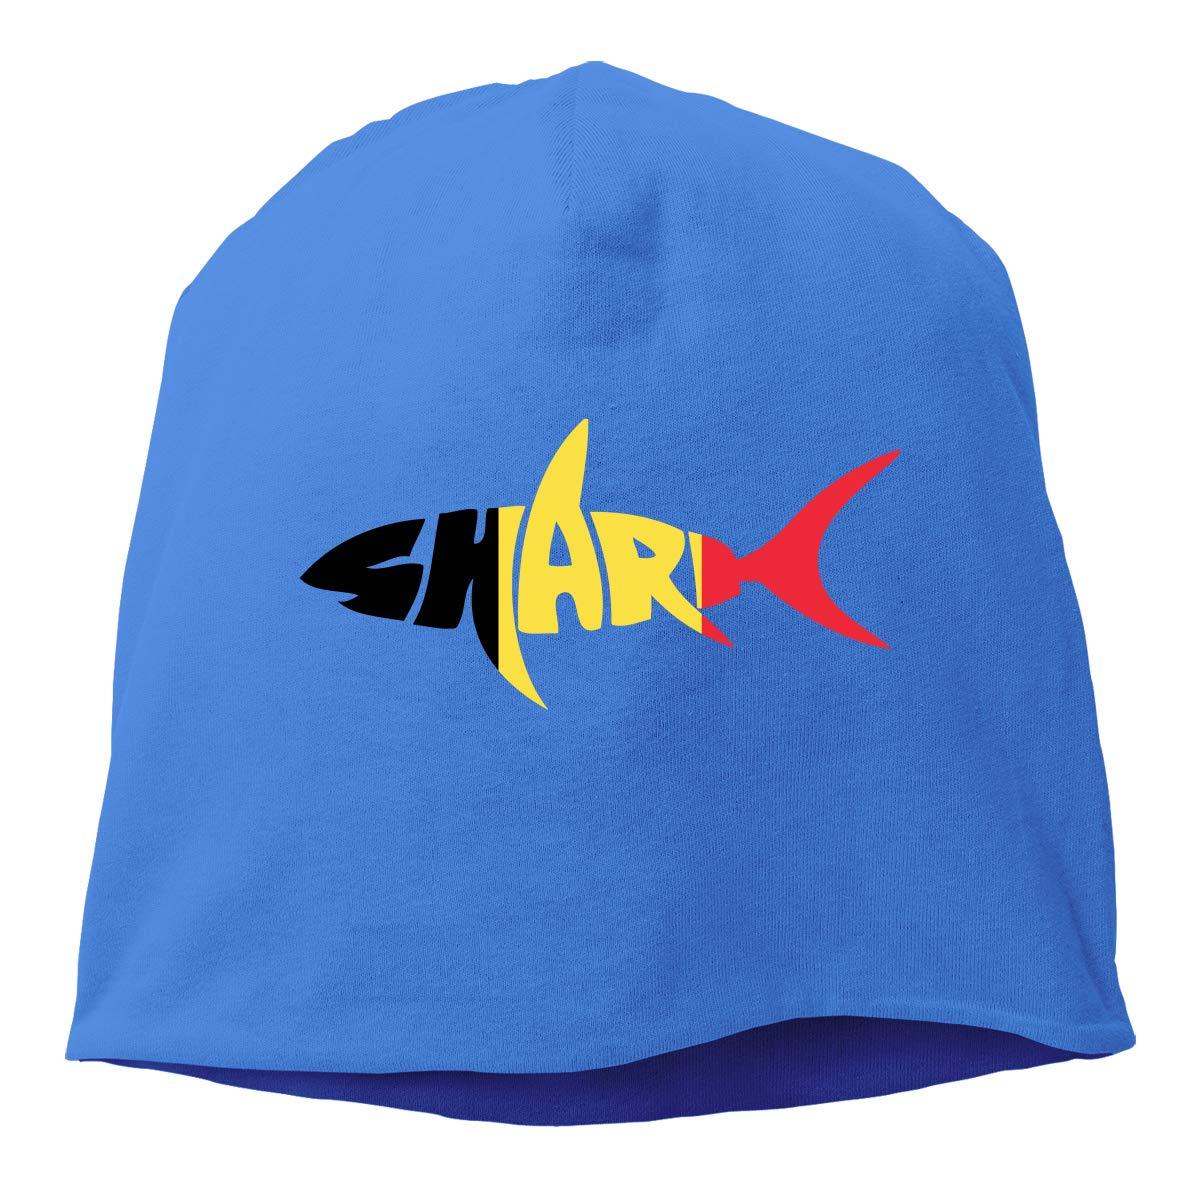 Winter Warm Daily Hat Belgium Flag Shark Letter Beanie Skull Cap for Women and Men